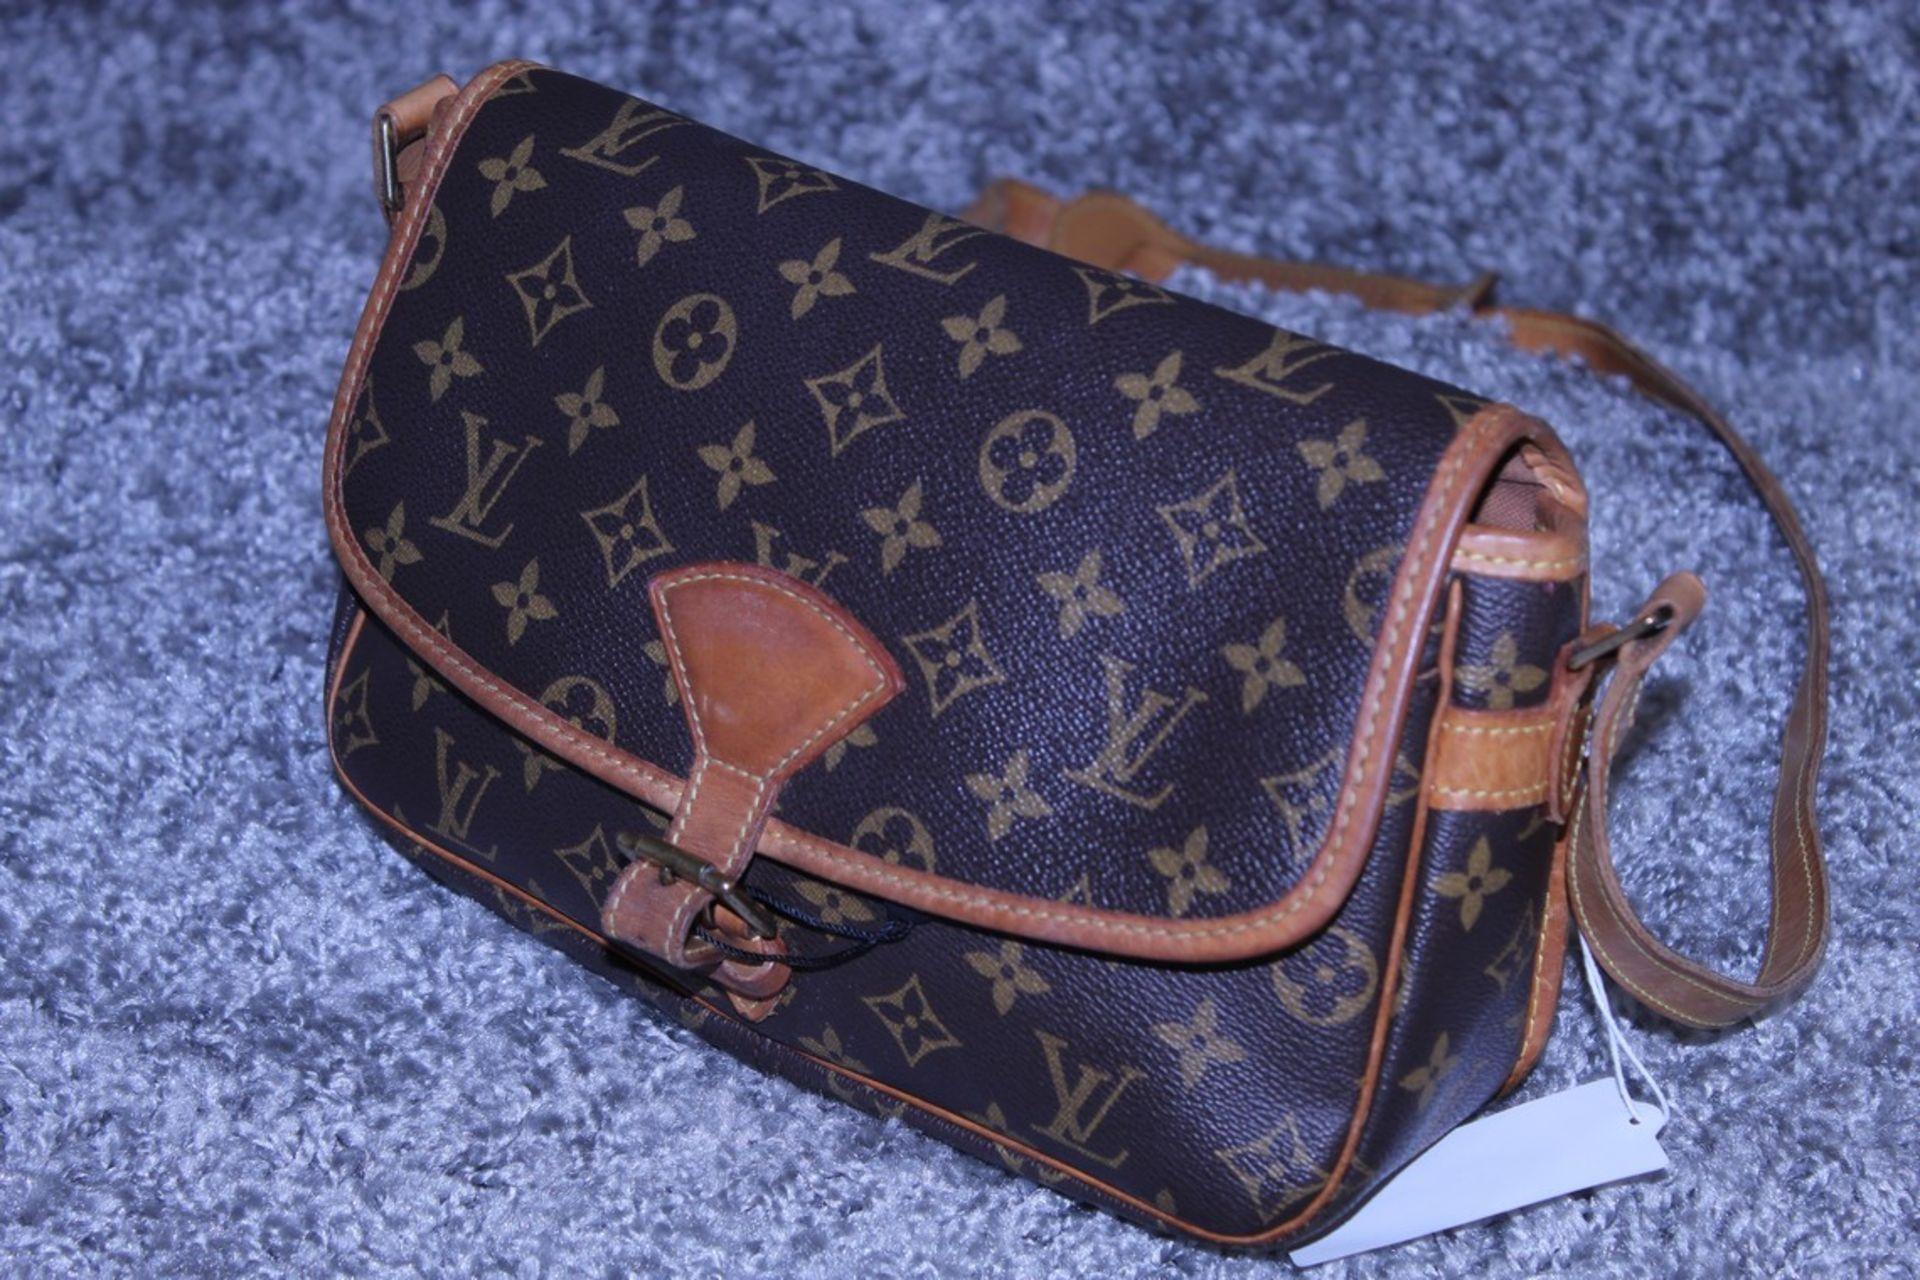 RRP £1,200 Louis Vuitton Sologne Shoulder Bag, Brown Monogram Canvas, 26X16X8Cm, (Production Code - Image 3 of 3